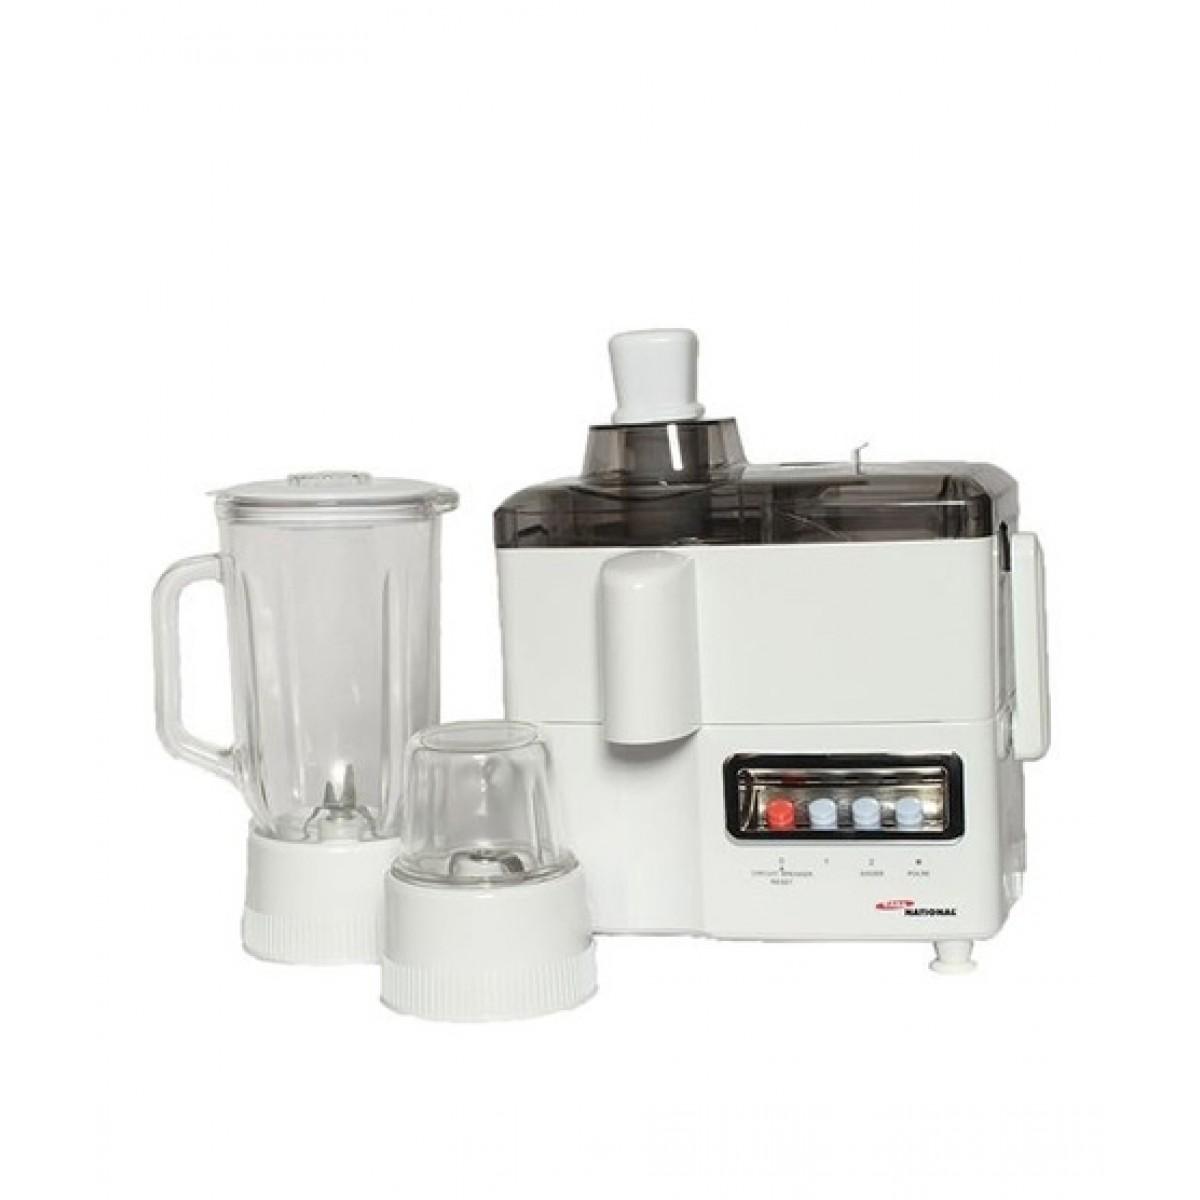 Gaba National Juicer Blender & Grinder 3 in 1 (GN-1777)